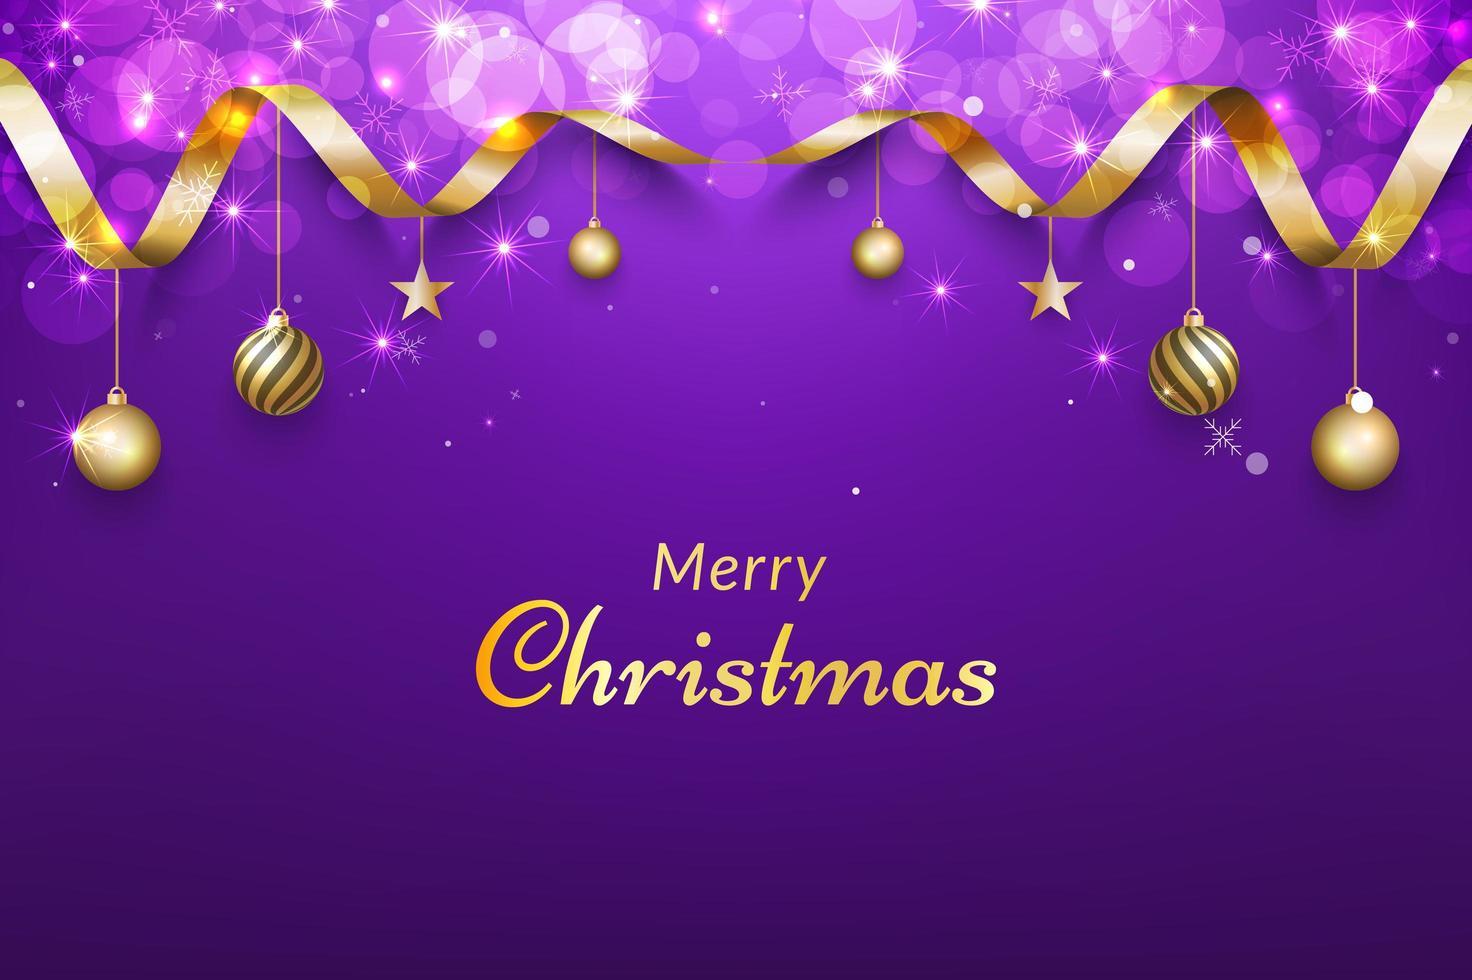 sfondo di Natale viola con nastro d'oro vettore